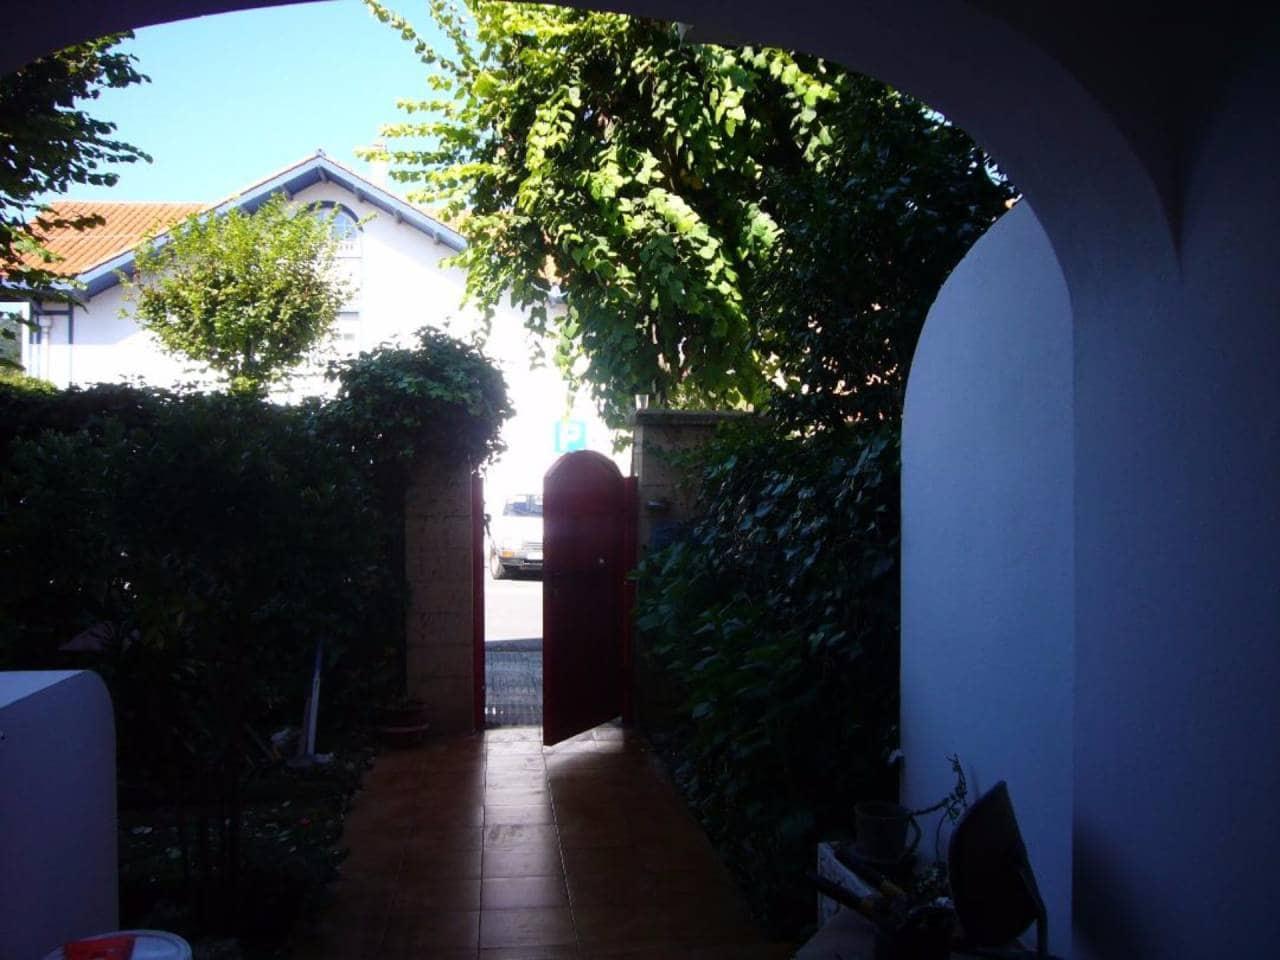 Adosado de 5 habitaciones en Loiu en venta - 590.000 € (Ref: 4319362)